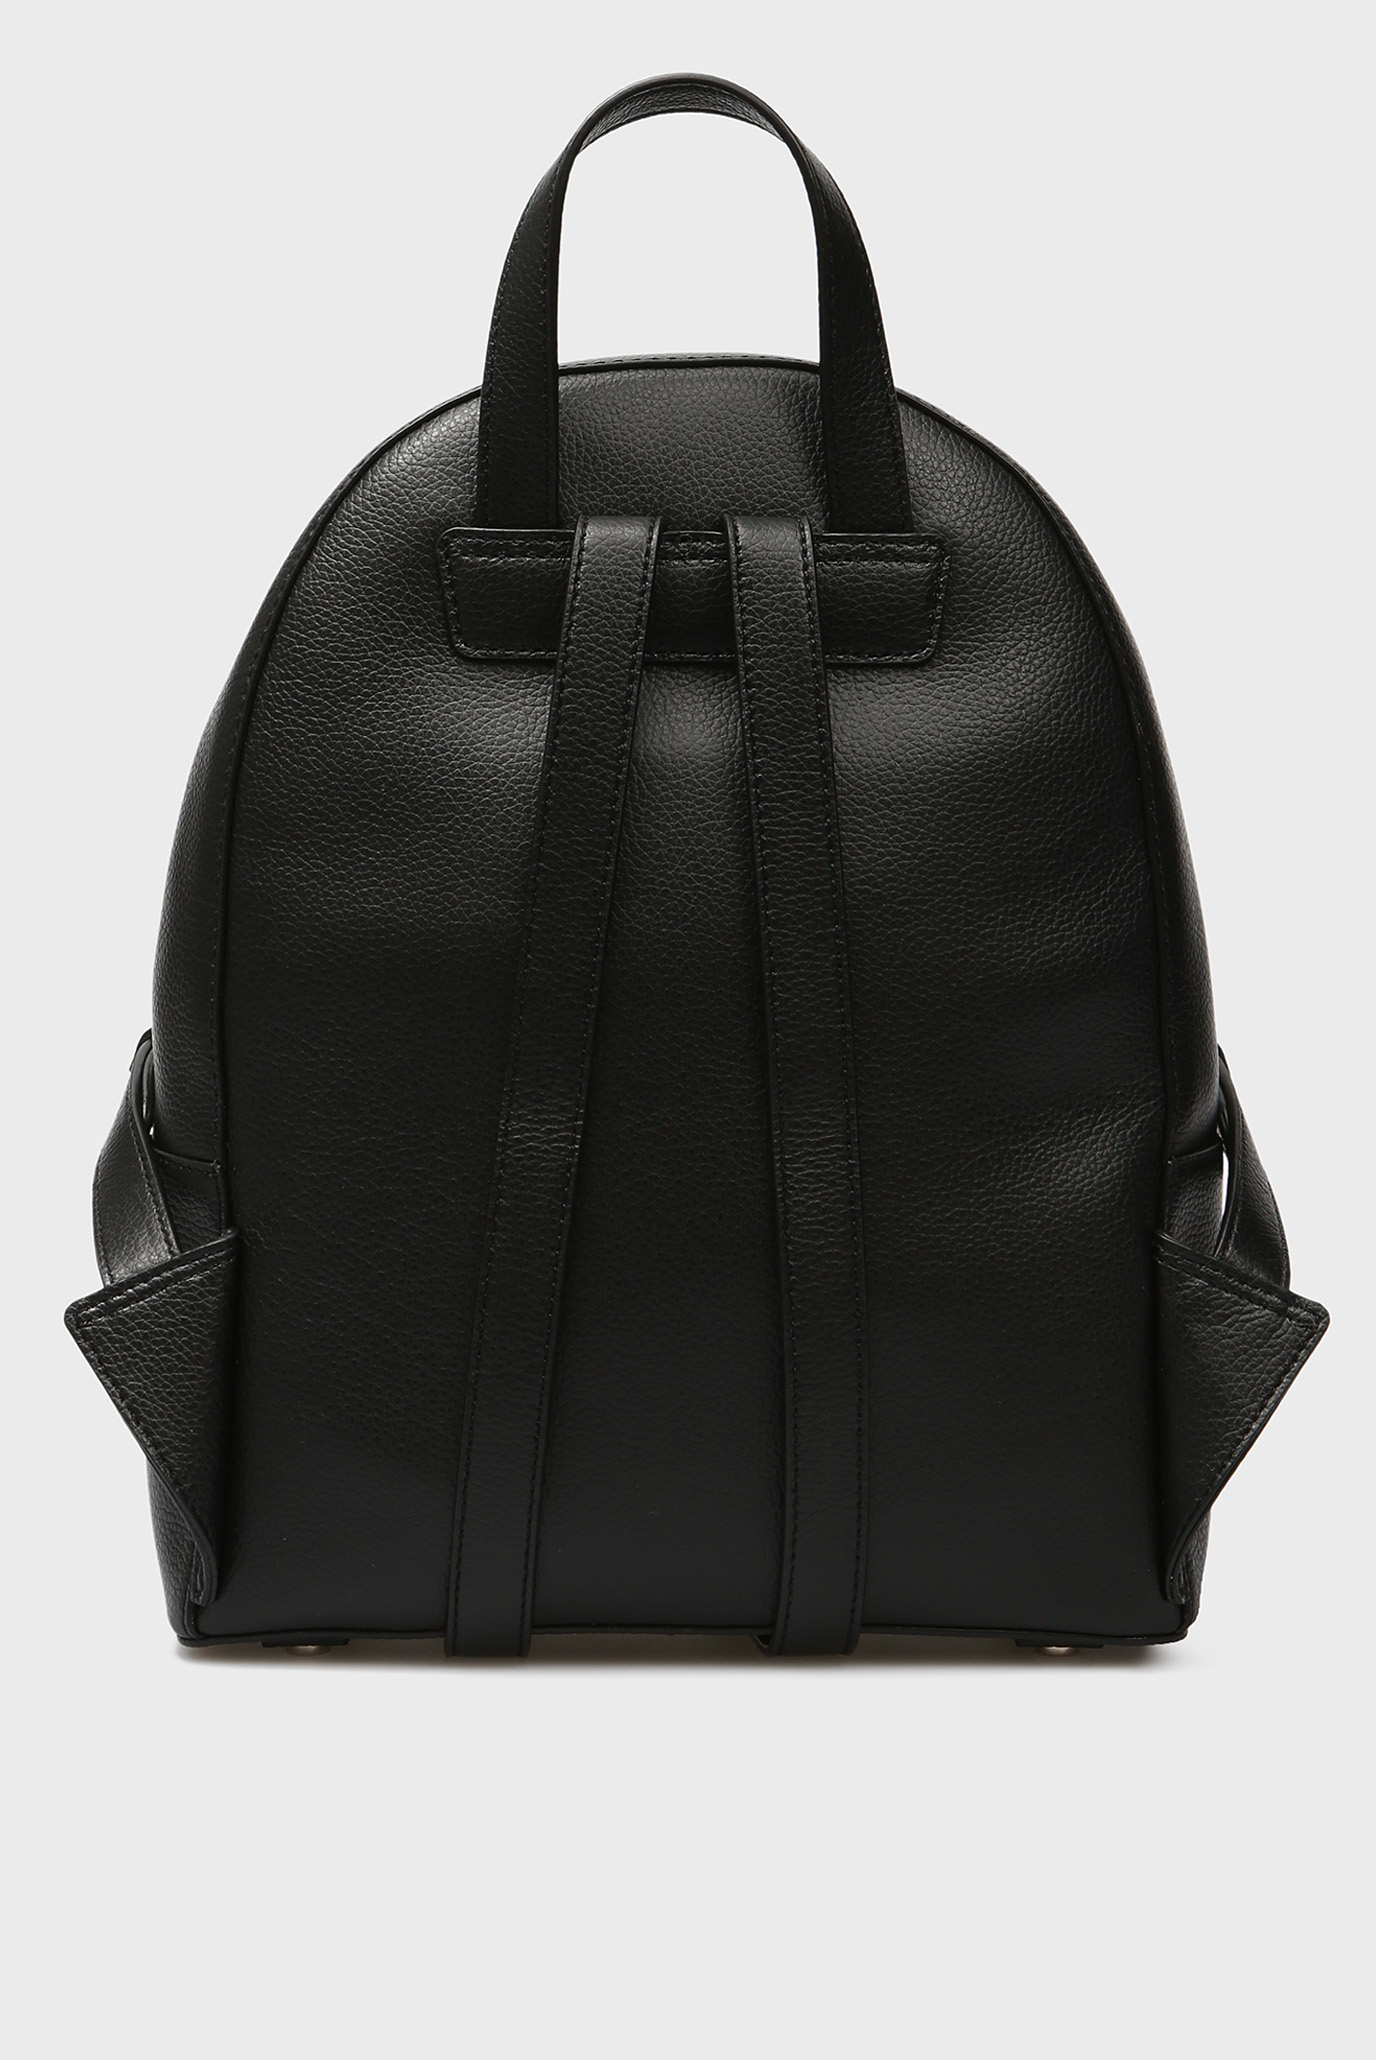 40bb5e940382 Купить Женский черный кожаный рюкзак ELISSA DKNY DKNY R84KH933 – Киев,  Украина. Цены в интернет магазине MD Fashion